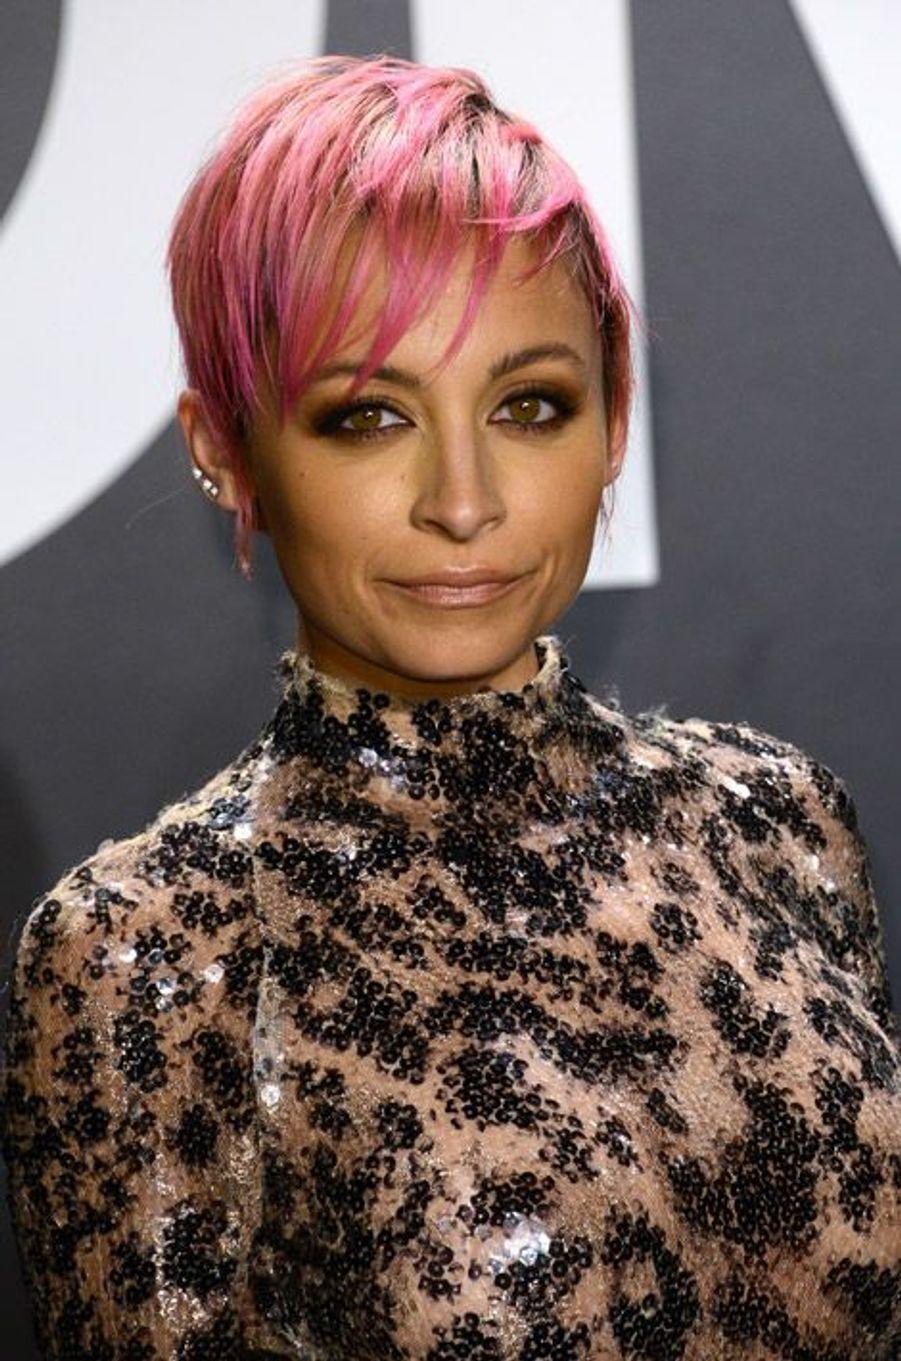 La styliste Nicole Richie porte toujours des cheveux courts et colorés